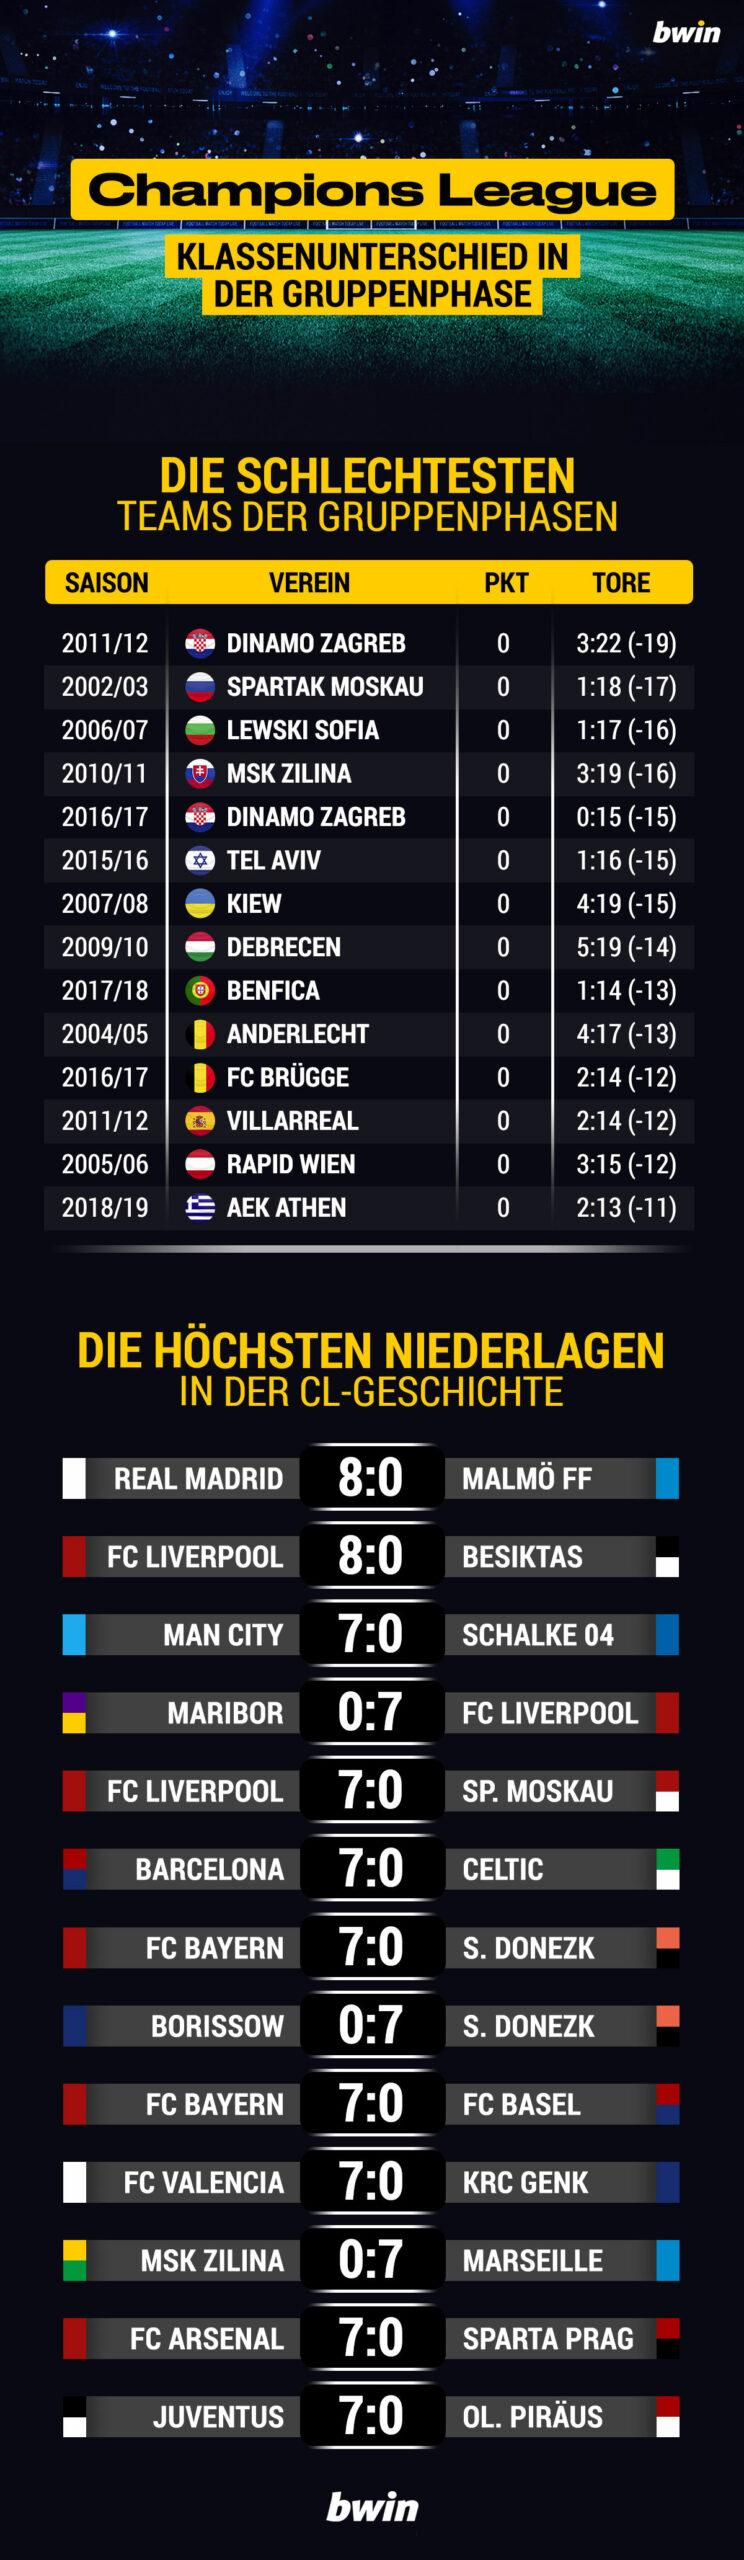 Die schlechtesten Teams der Champions League